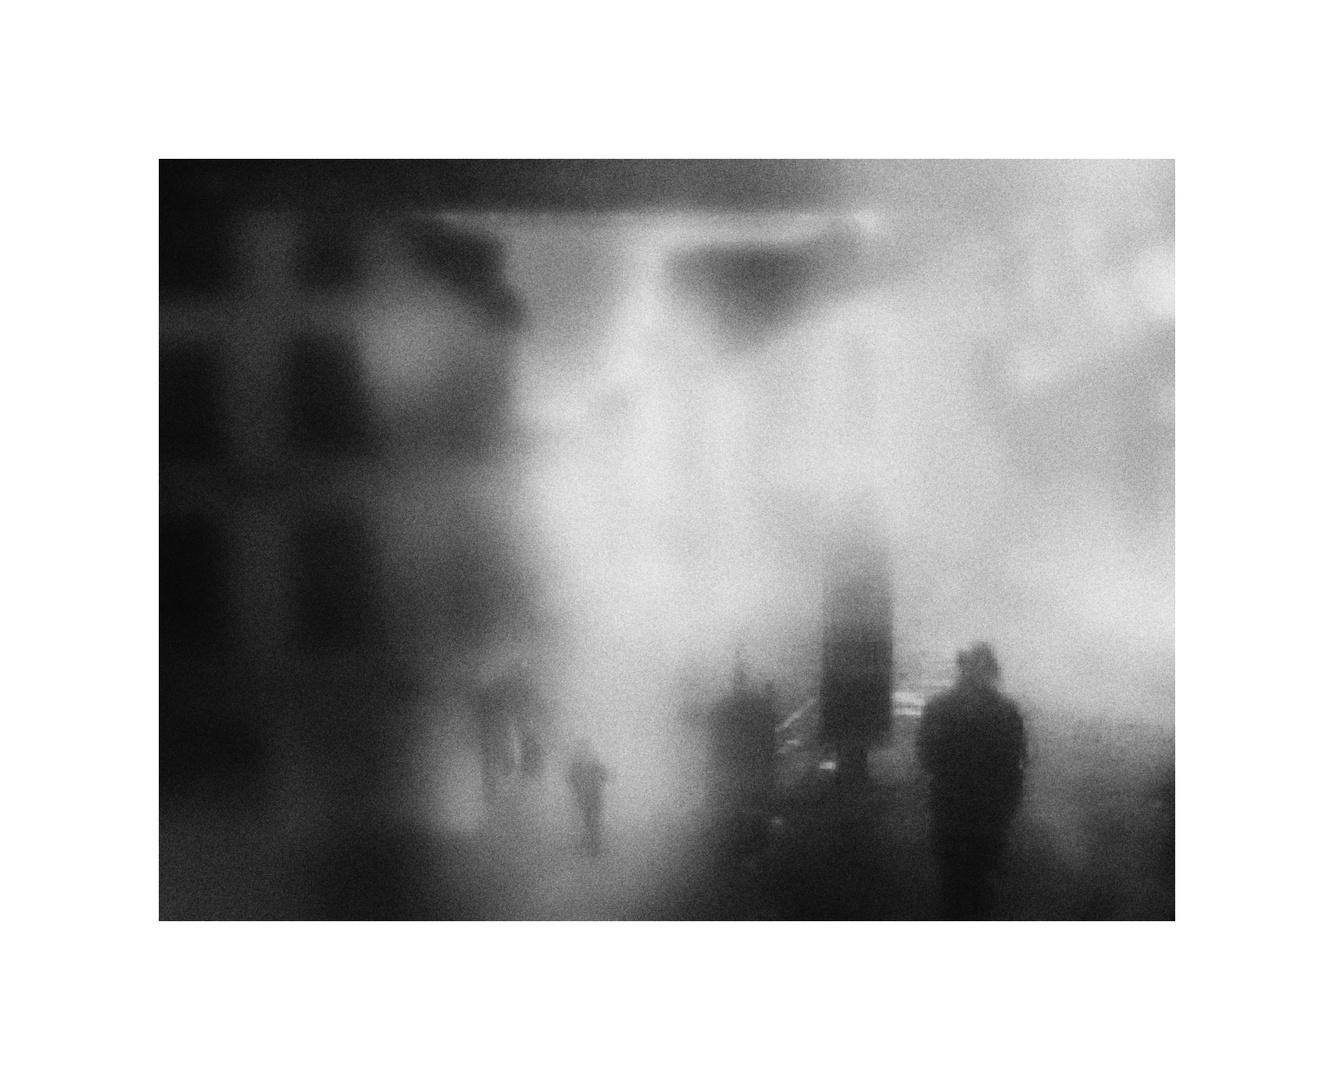 Inspektor Lundgren und der Mann im Nebel